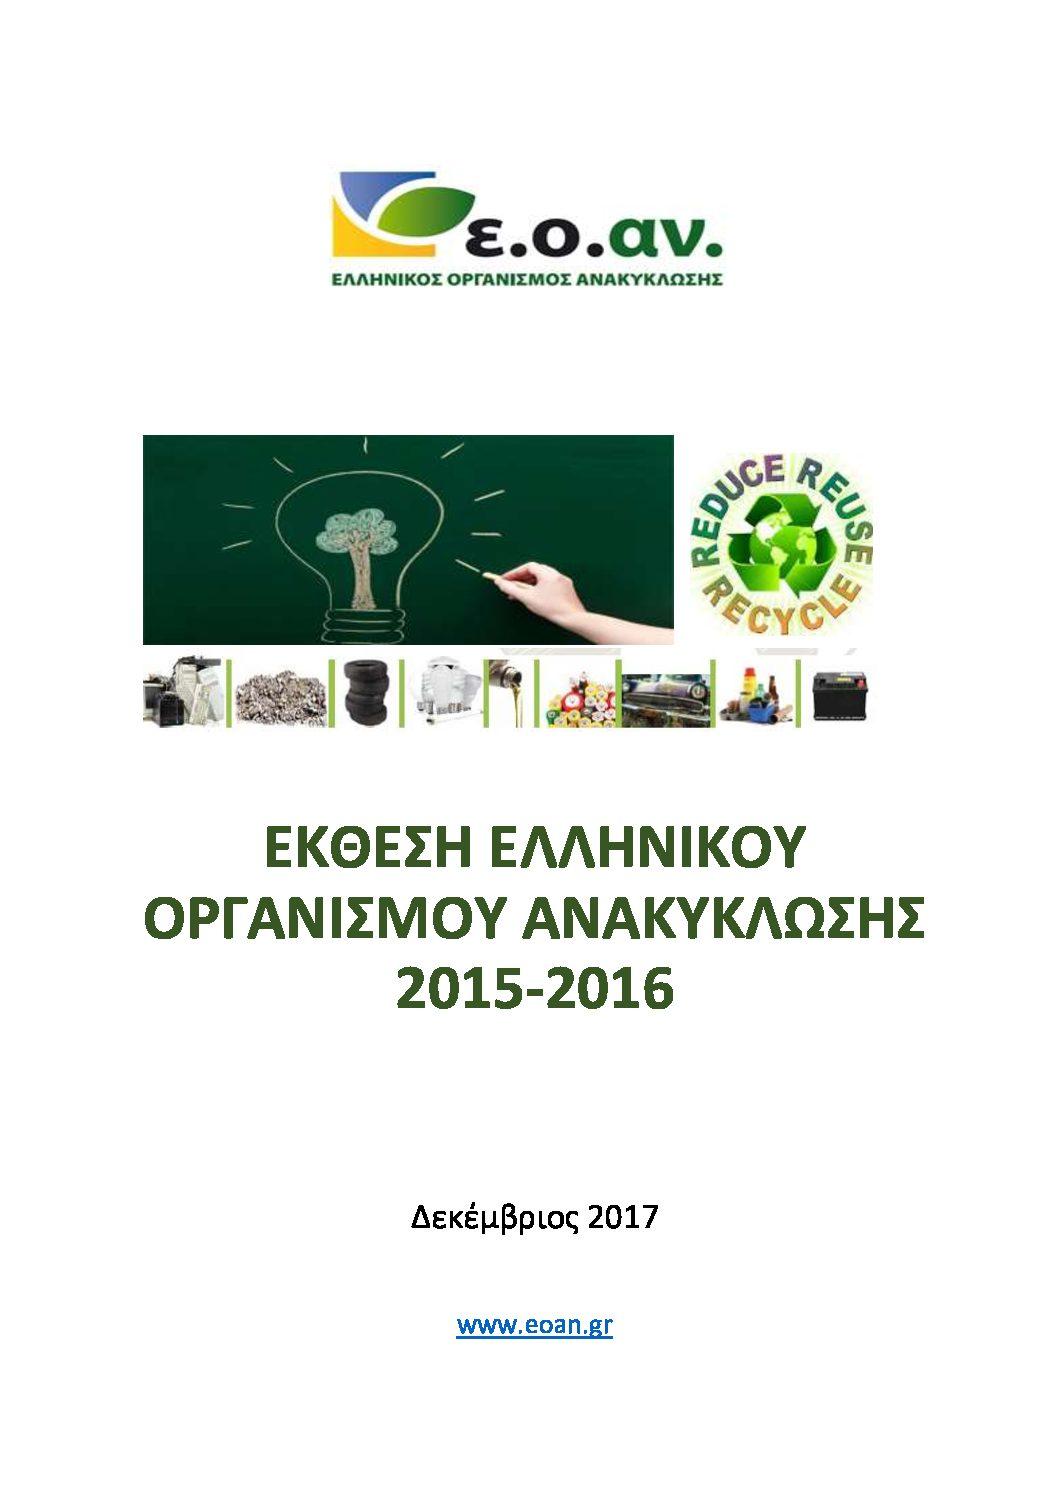 ΑΠΟΛΟΓΙΣΤΙΚΗ ΕΚΘΕΣΗ ΕΟΑΝ 2015-2016